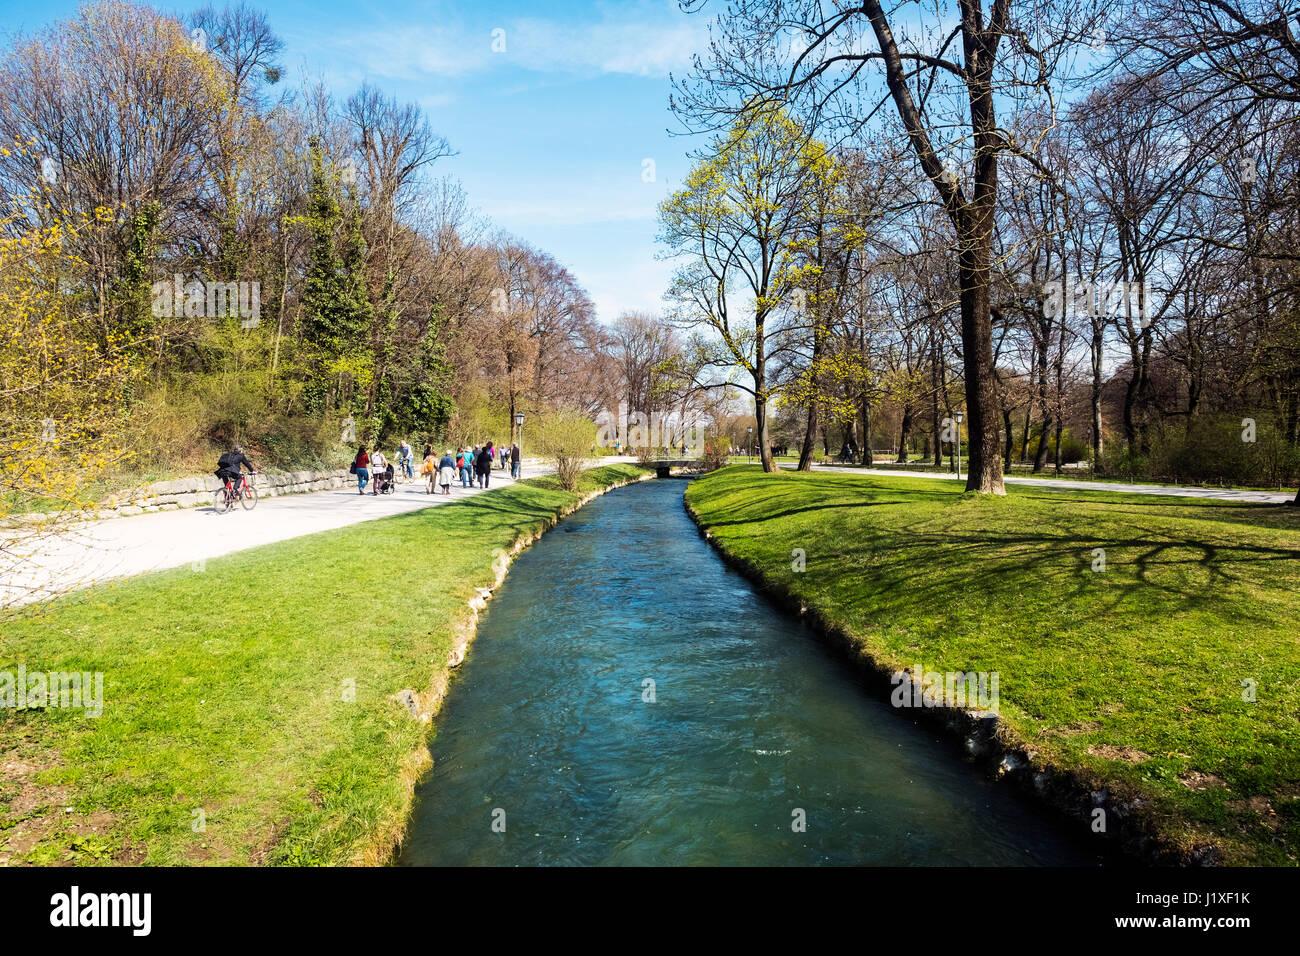 Englischer Garten, Munich Stock Photos & Englischer Garten, Munich Stock Images - Alamy